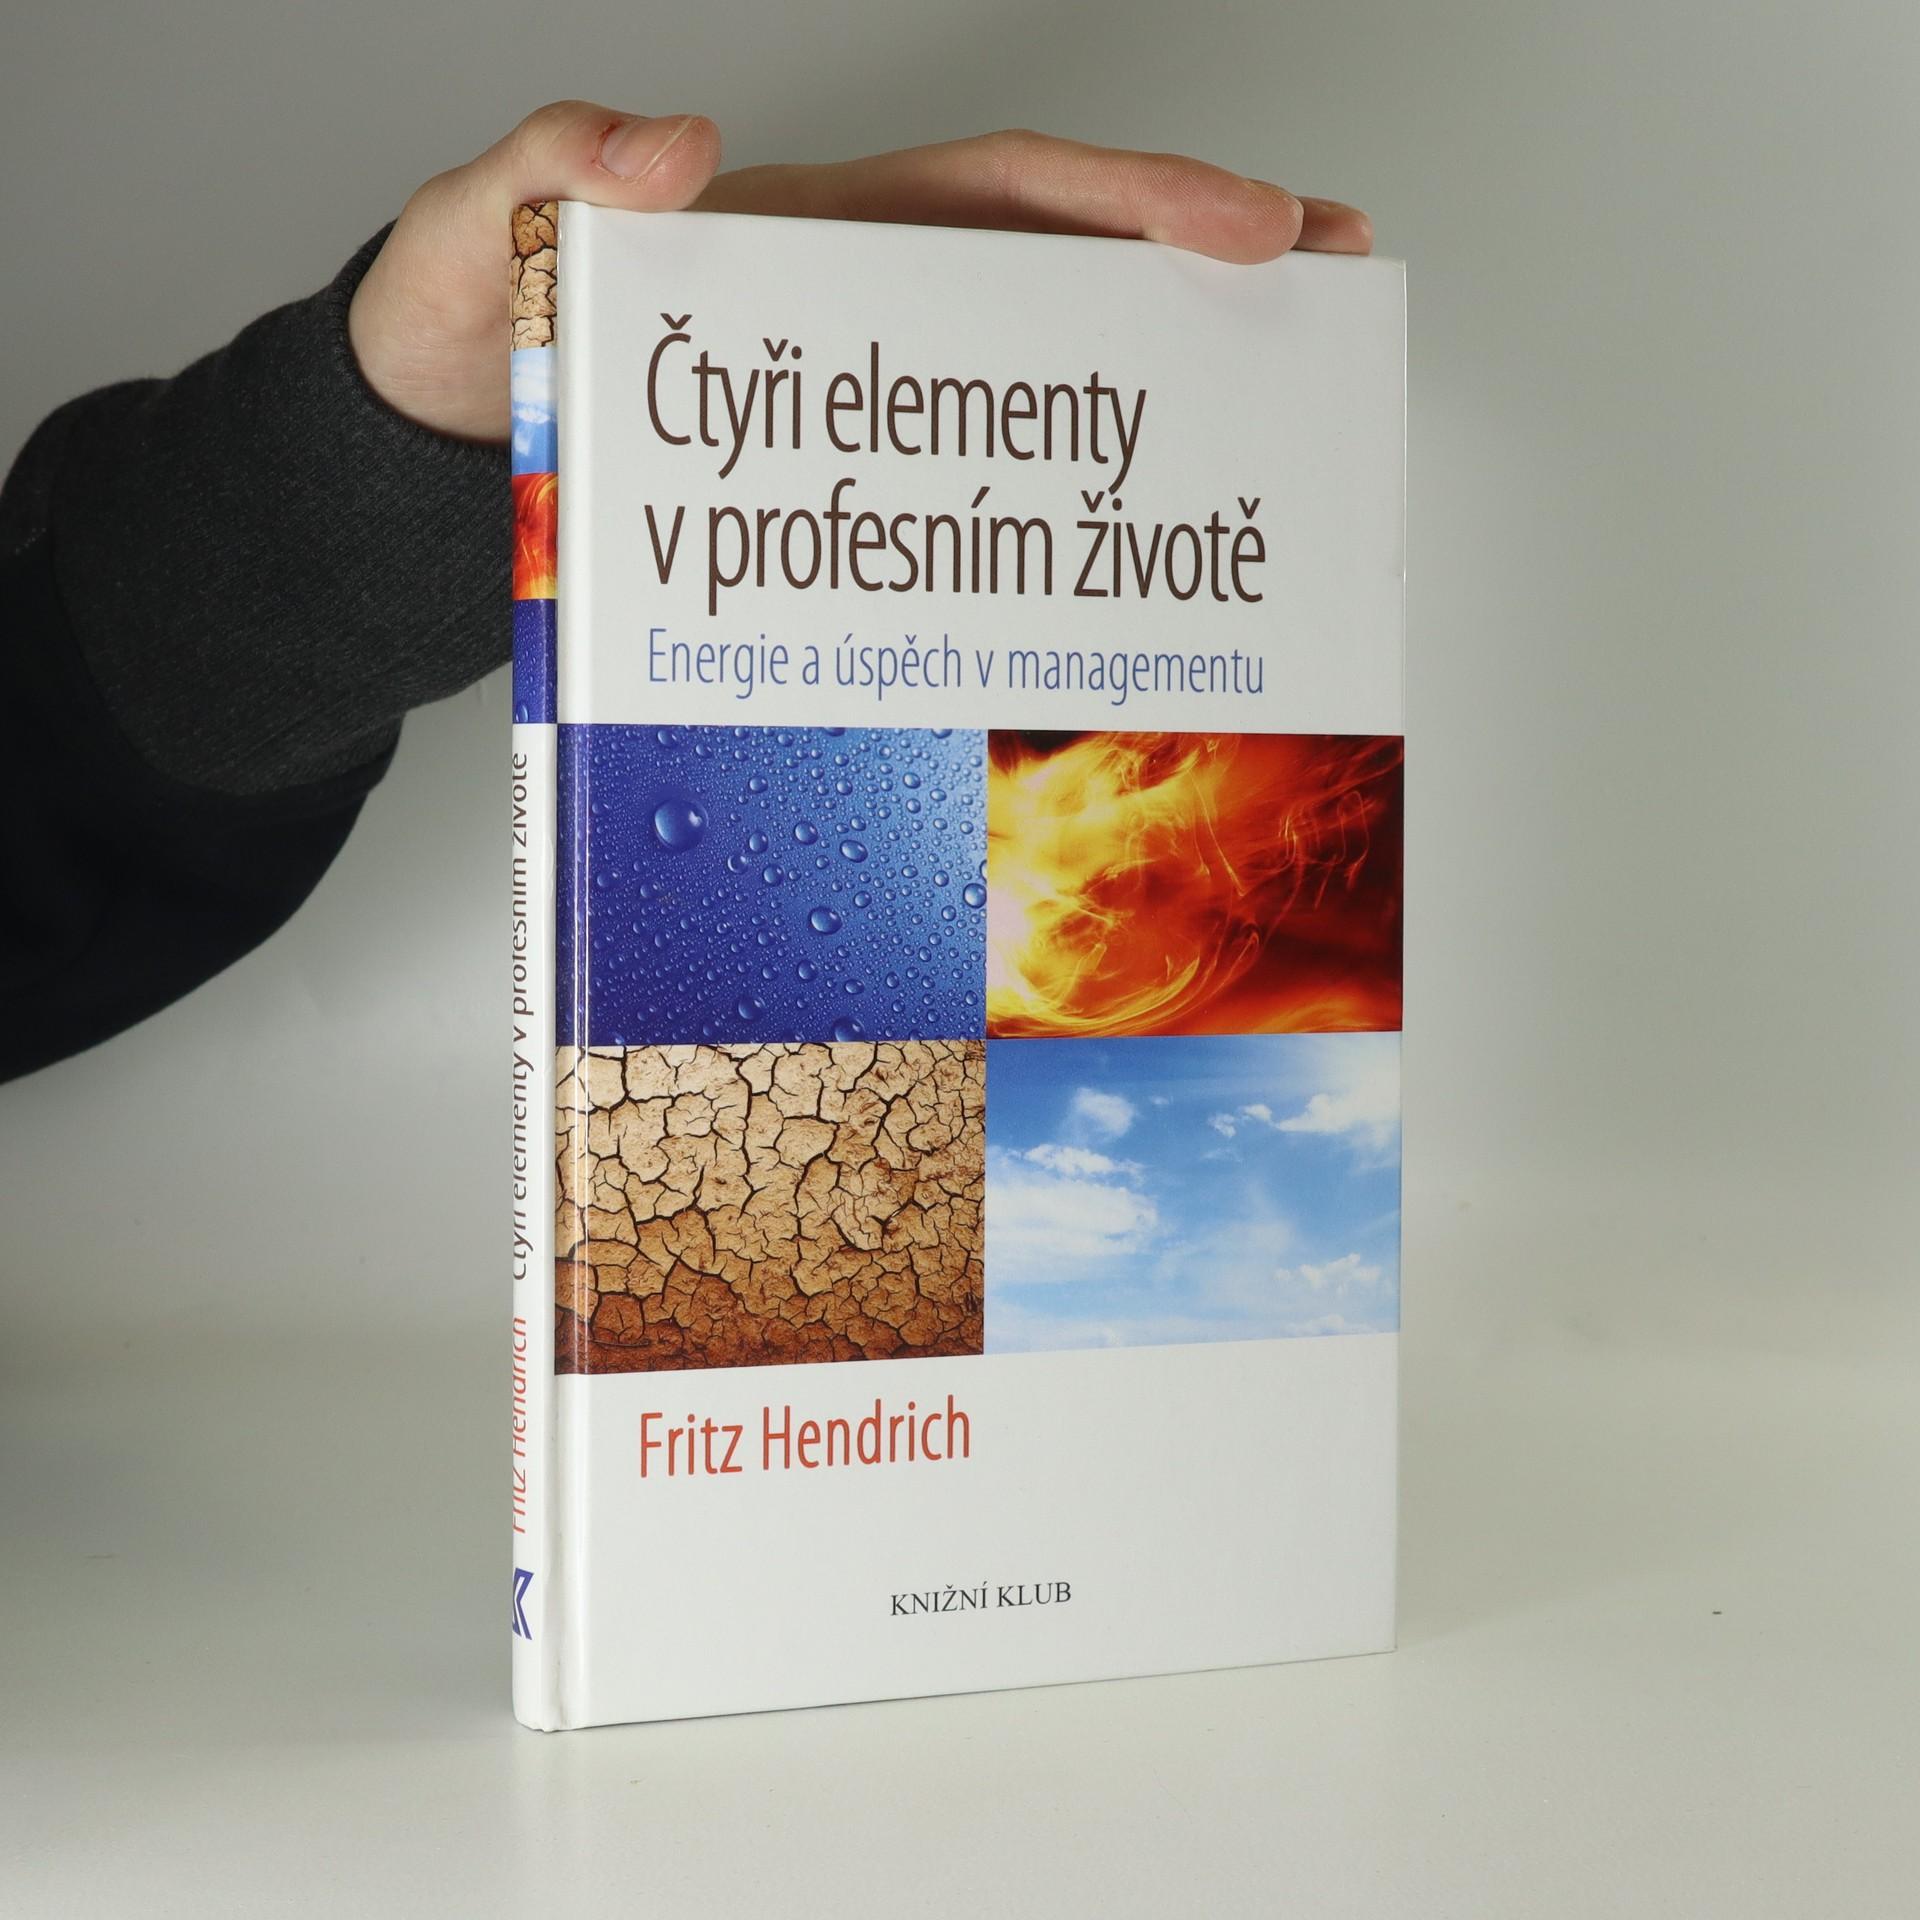 antikvární kniha Čtyři elementy v profesním životě : energie a úspěch v managementu, 2011